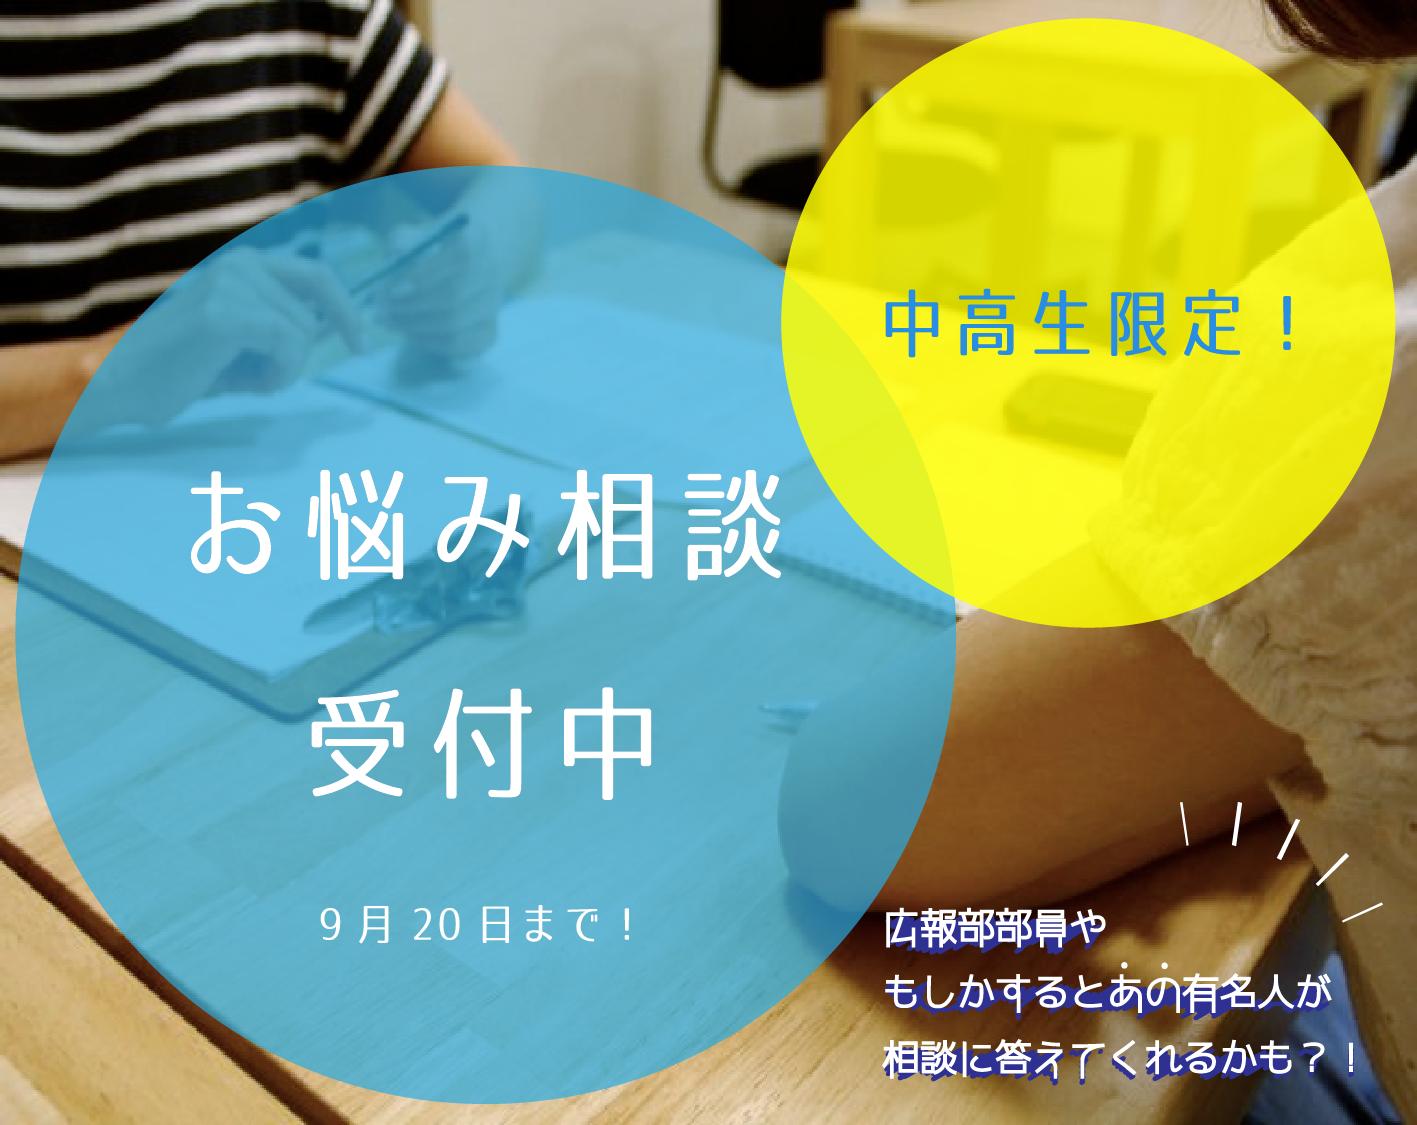 京都学生広報部 中高生お悩み相談室‼ 相談内容募集について